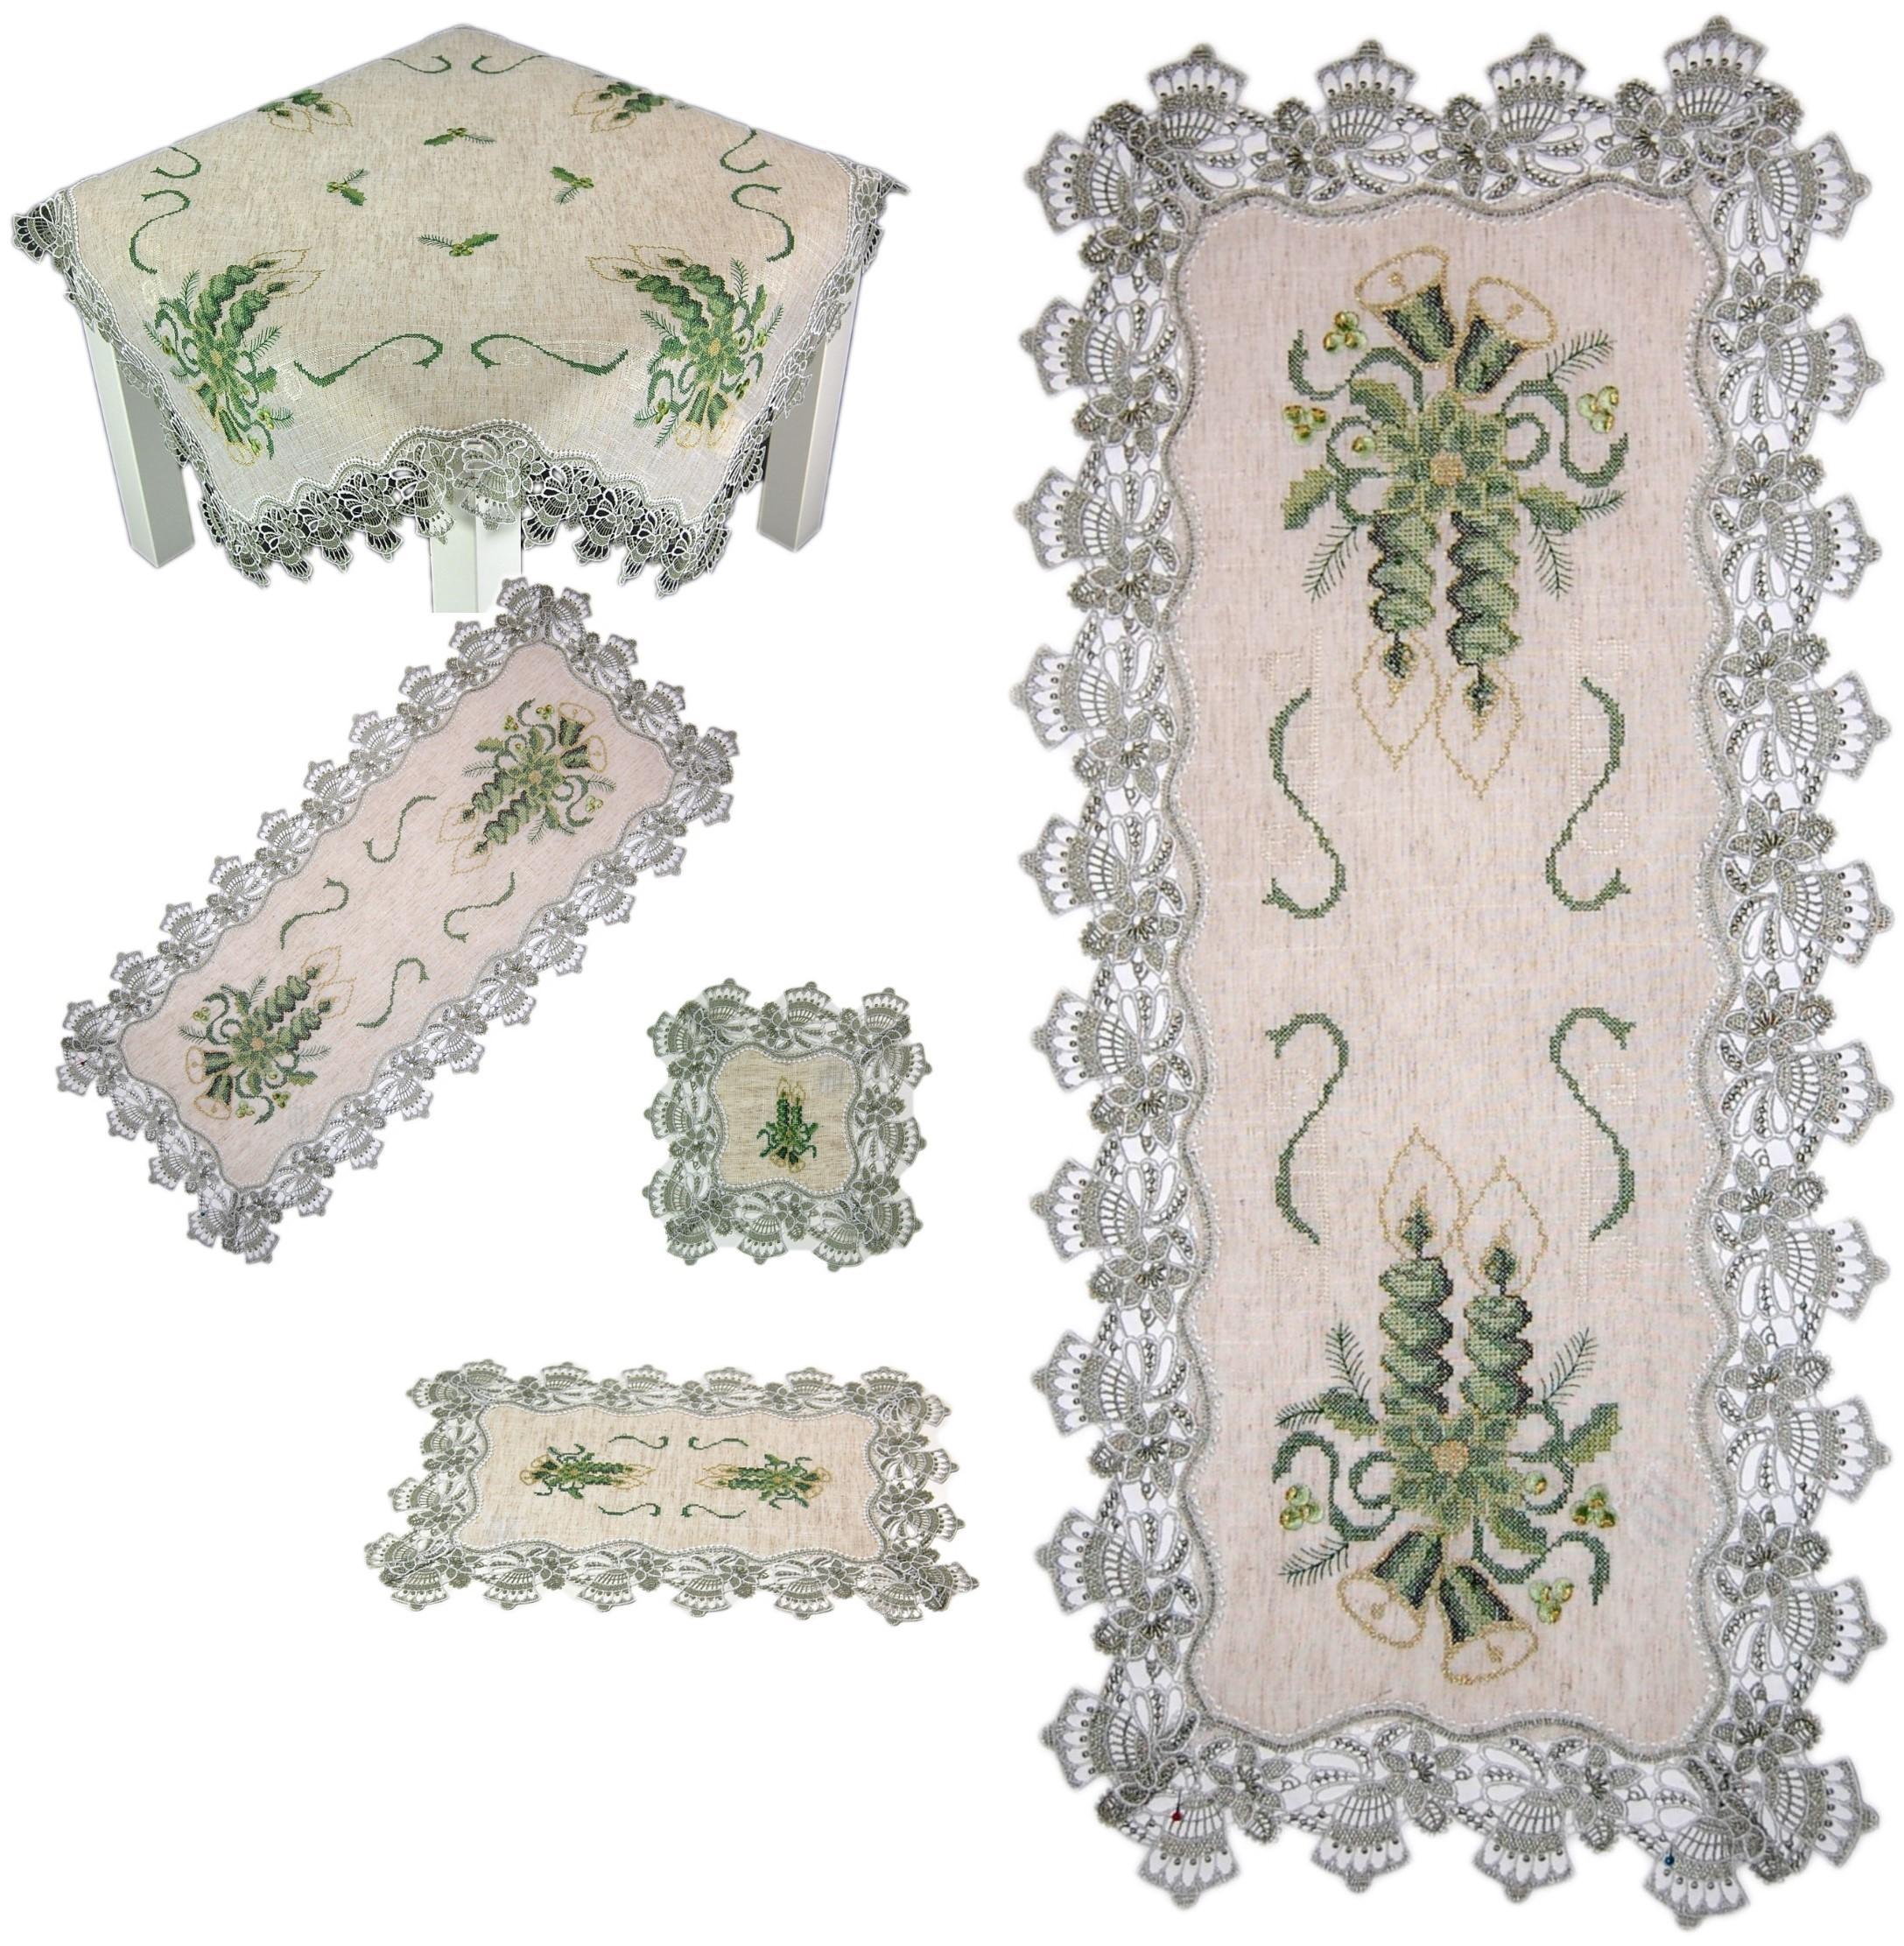 Tischdeckchen Tischdecke Deckchen WEIHNACHTEN 85x85cm STERNE Mitteldecke LEINEN